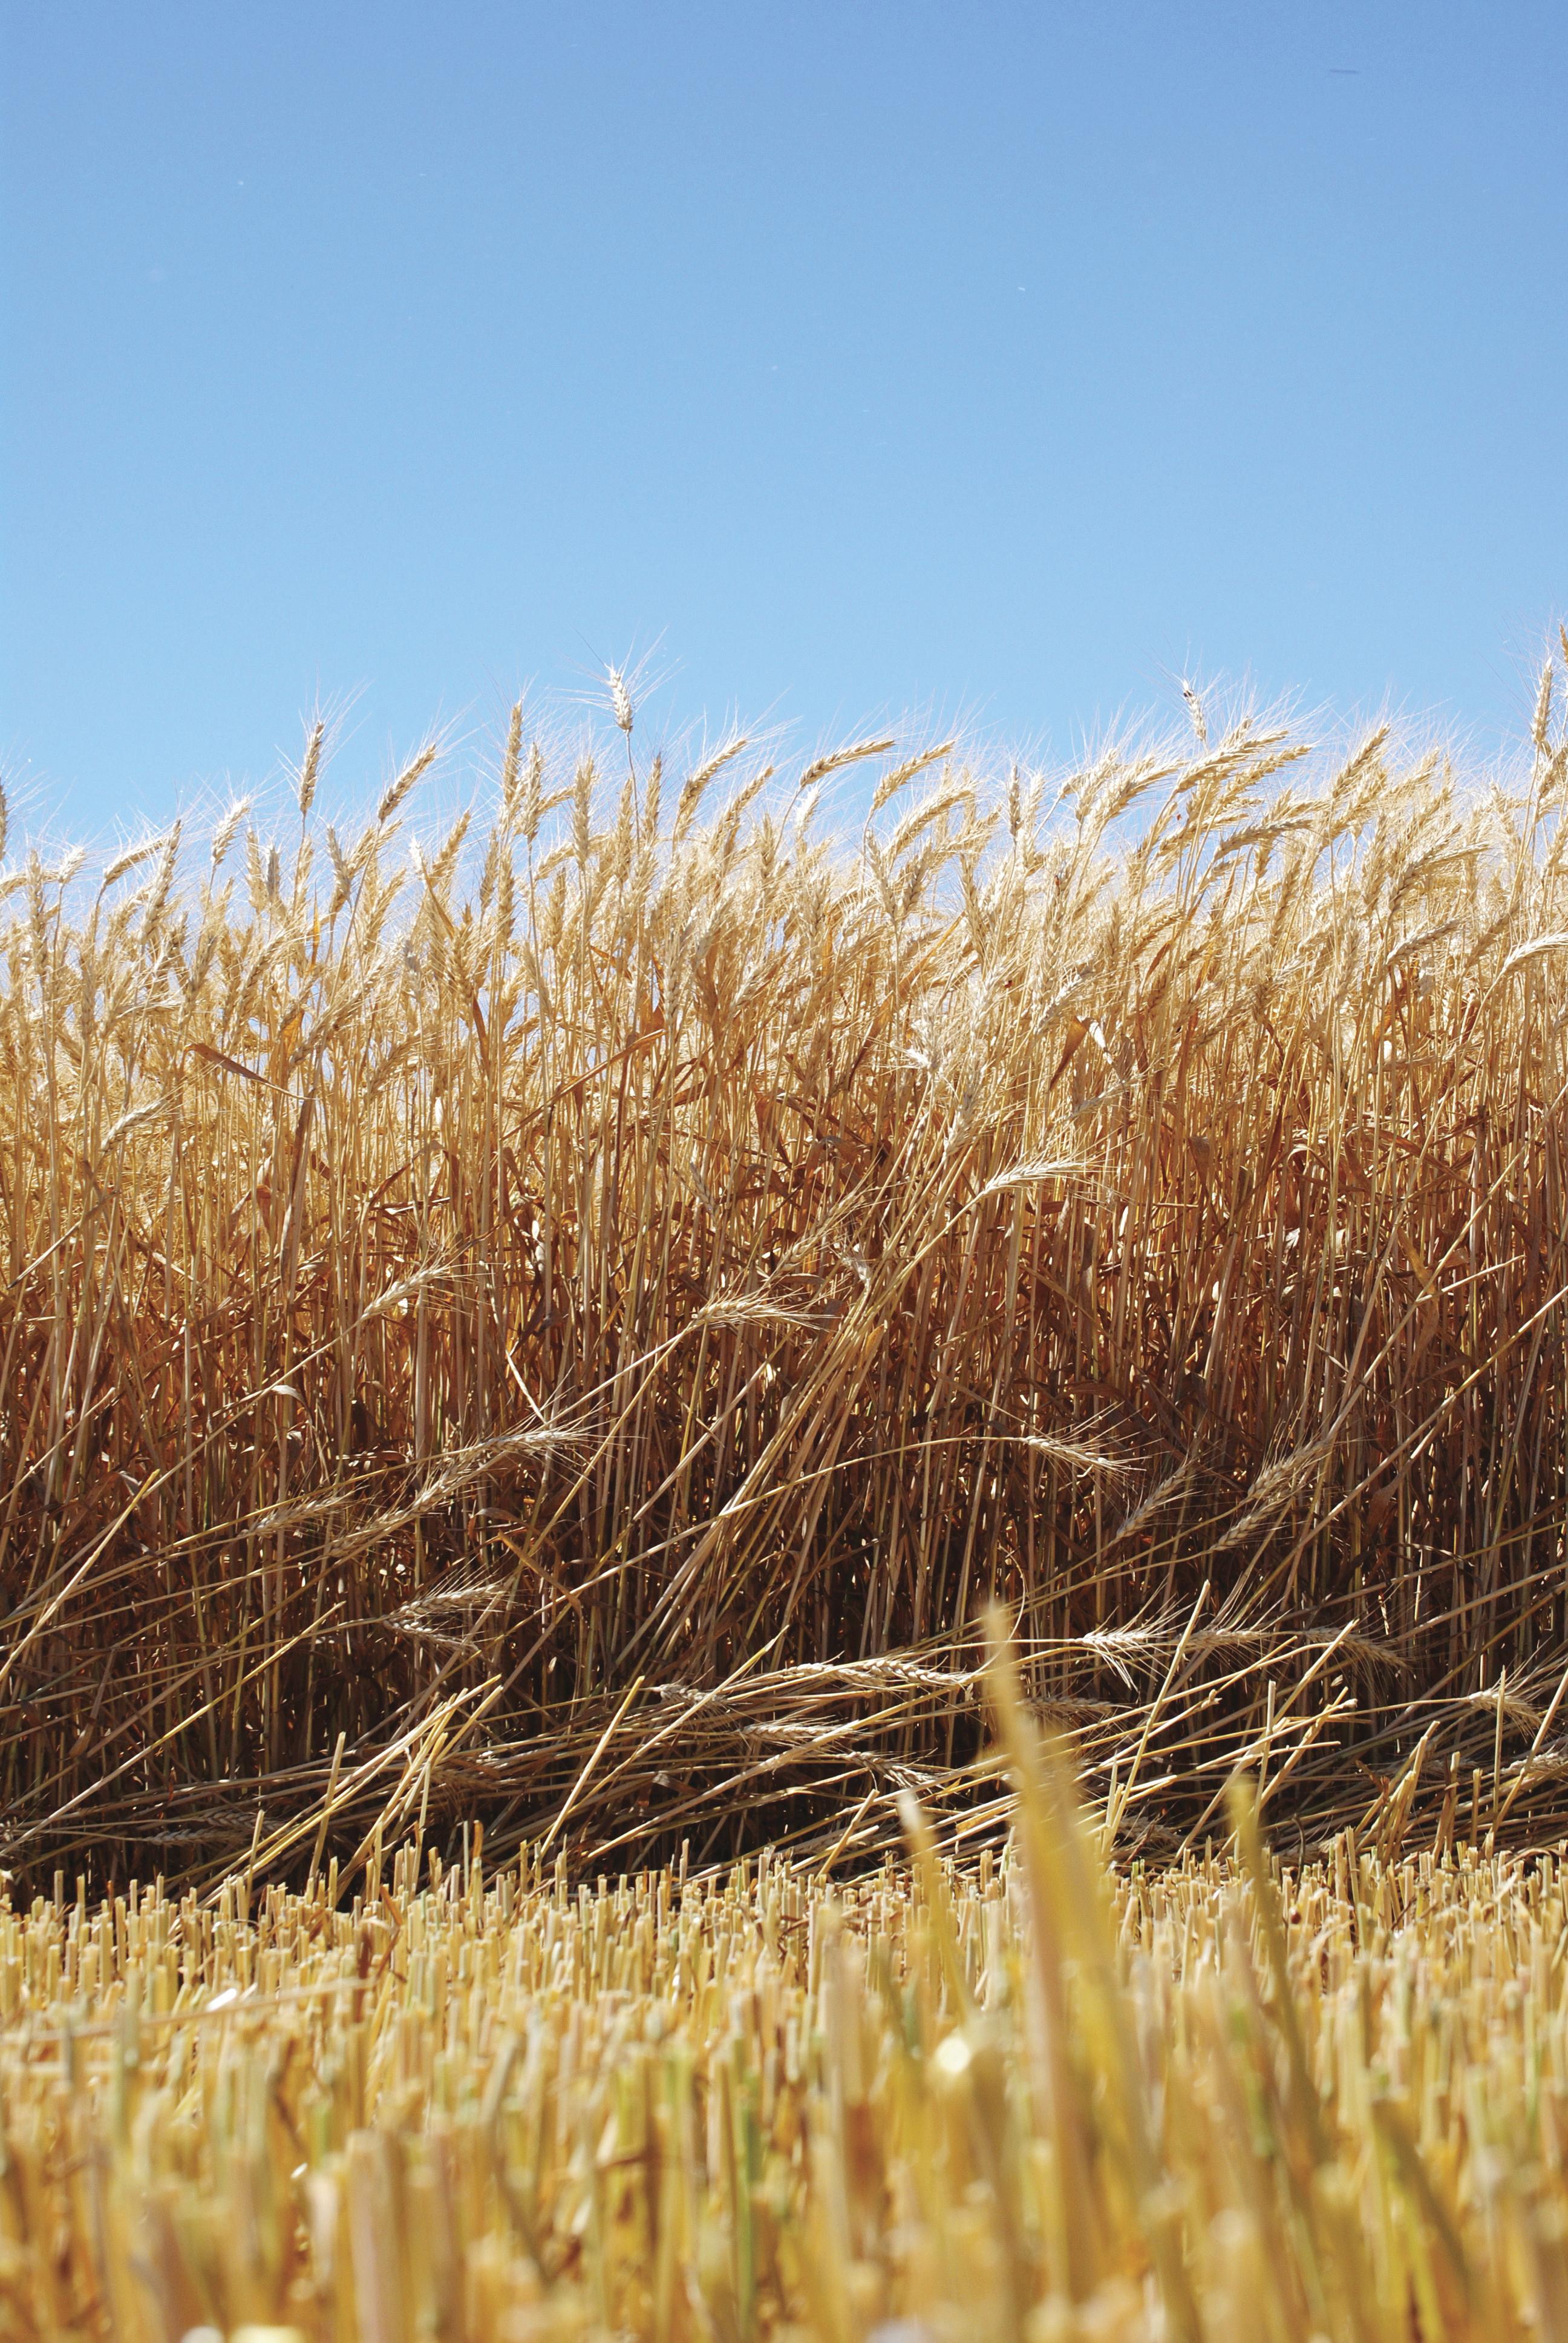 A field of golden grain.